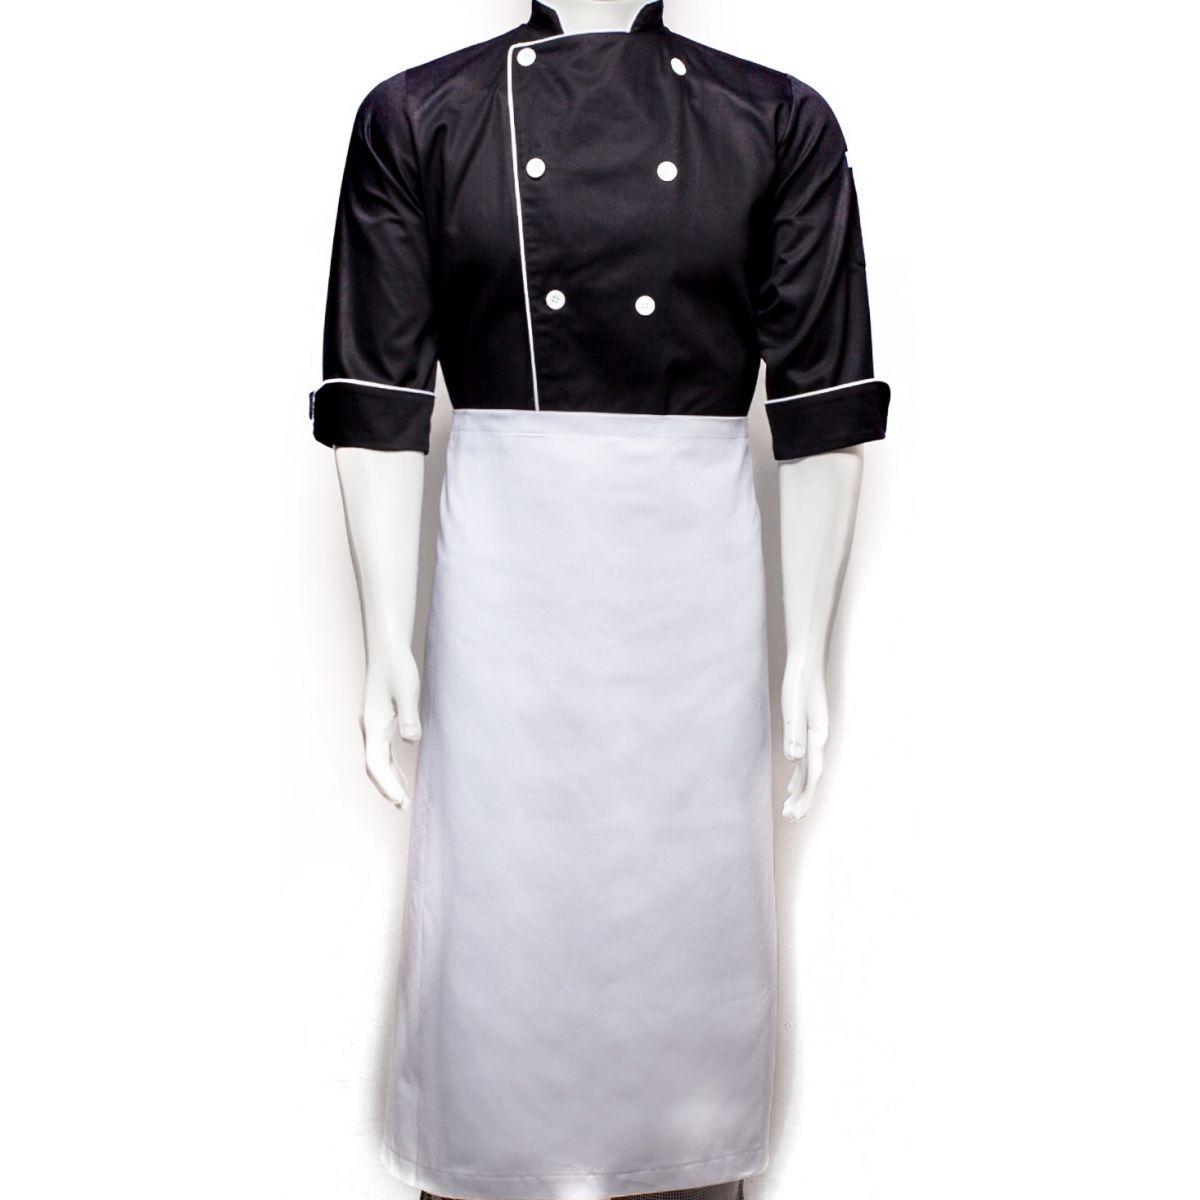 Dólmã Clássica  UNISEX PRETA Mandala BRANCA com vivo e botões brancos - 100% algodão manga 3/4